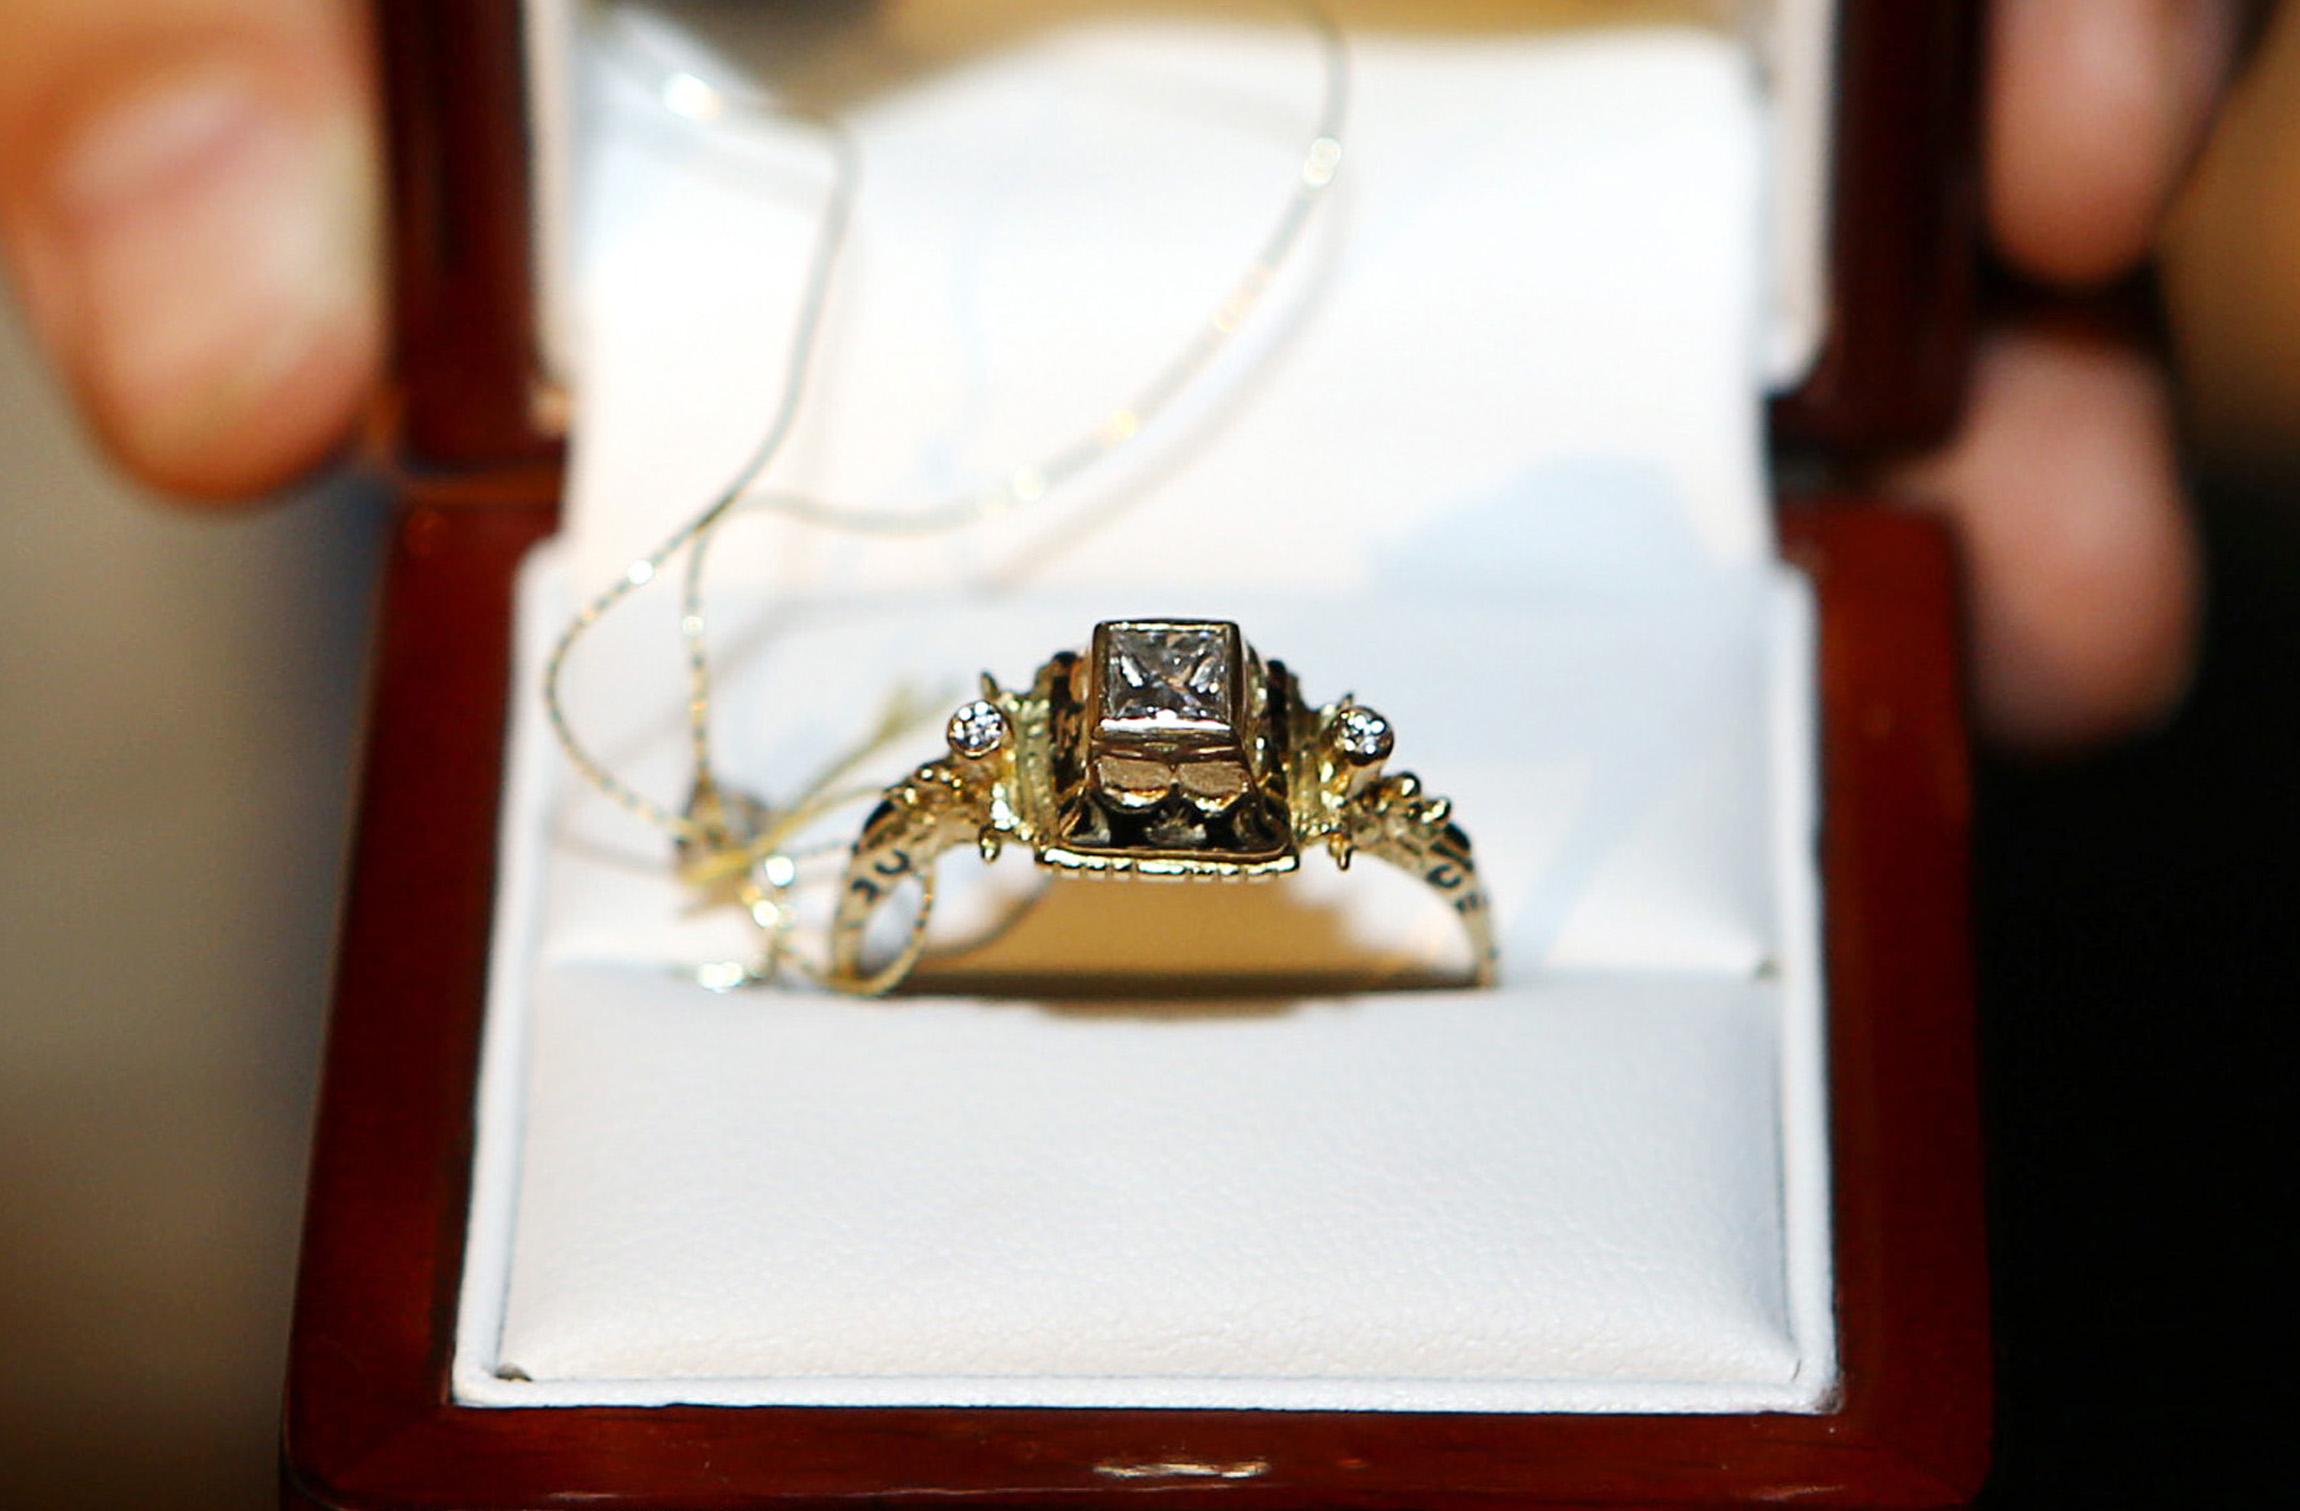 Auksinis žiedas, pagamintas pagal renesansinio žiedo, saugomo Mažosios Lietuvos istorijos muziejuje, pavyzdį.   V. Liaudanskio nuotr.